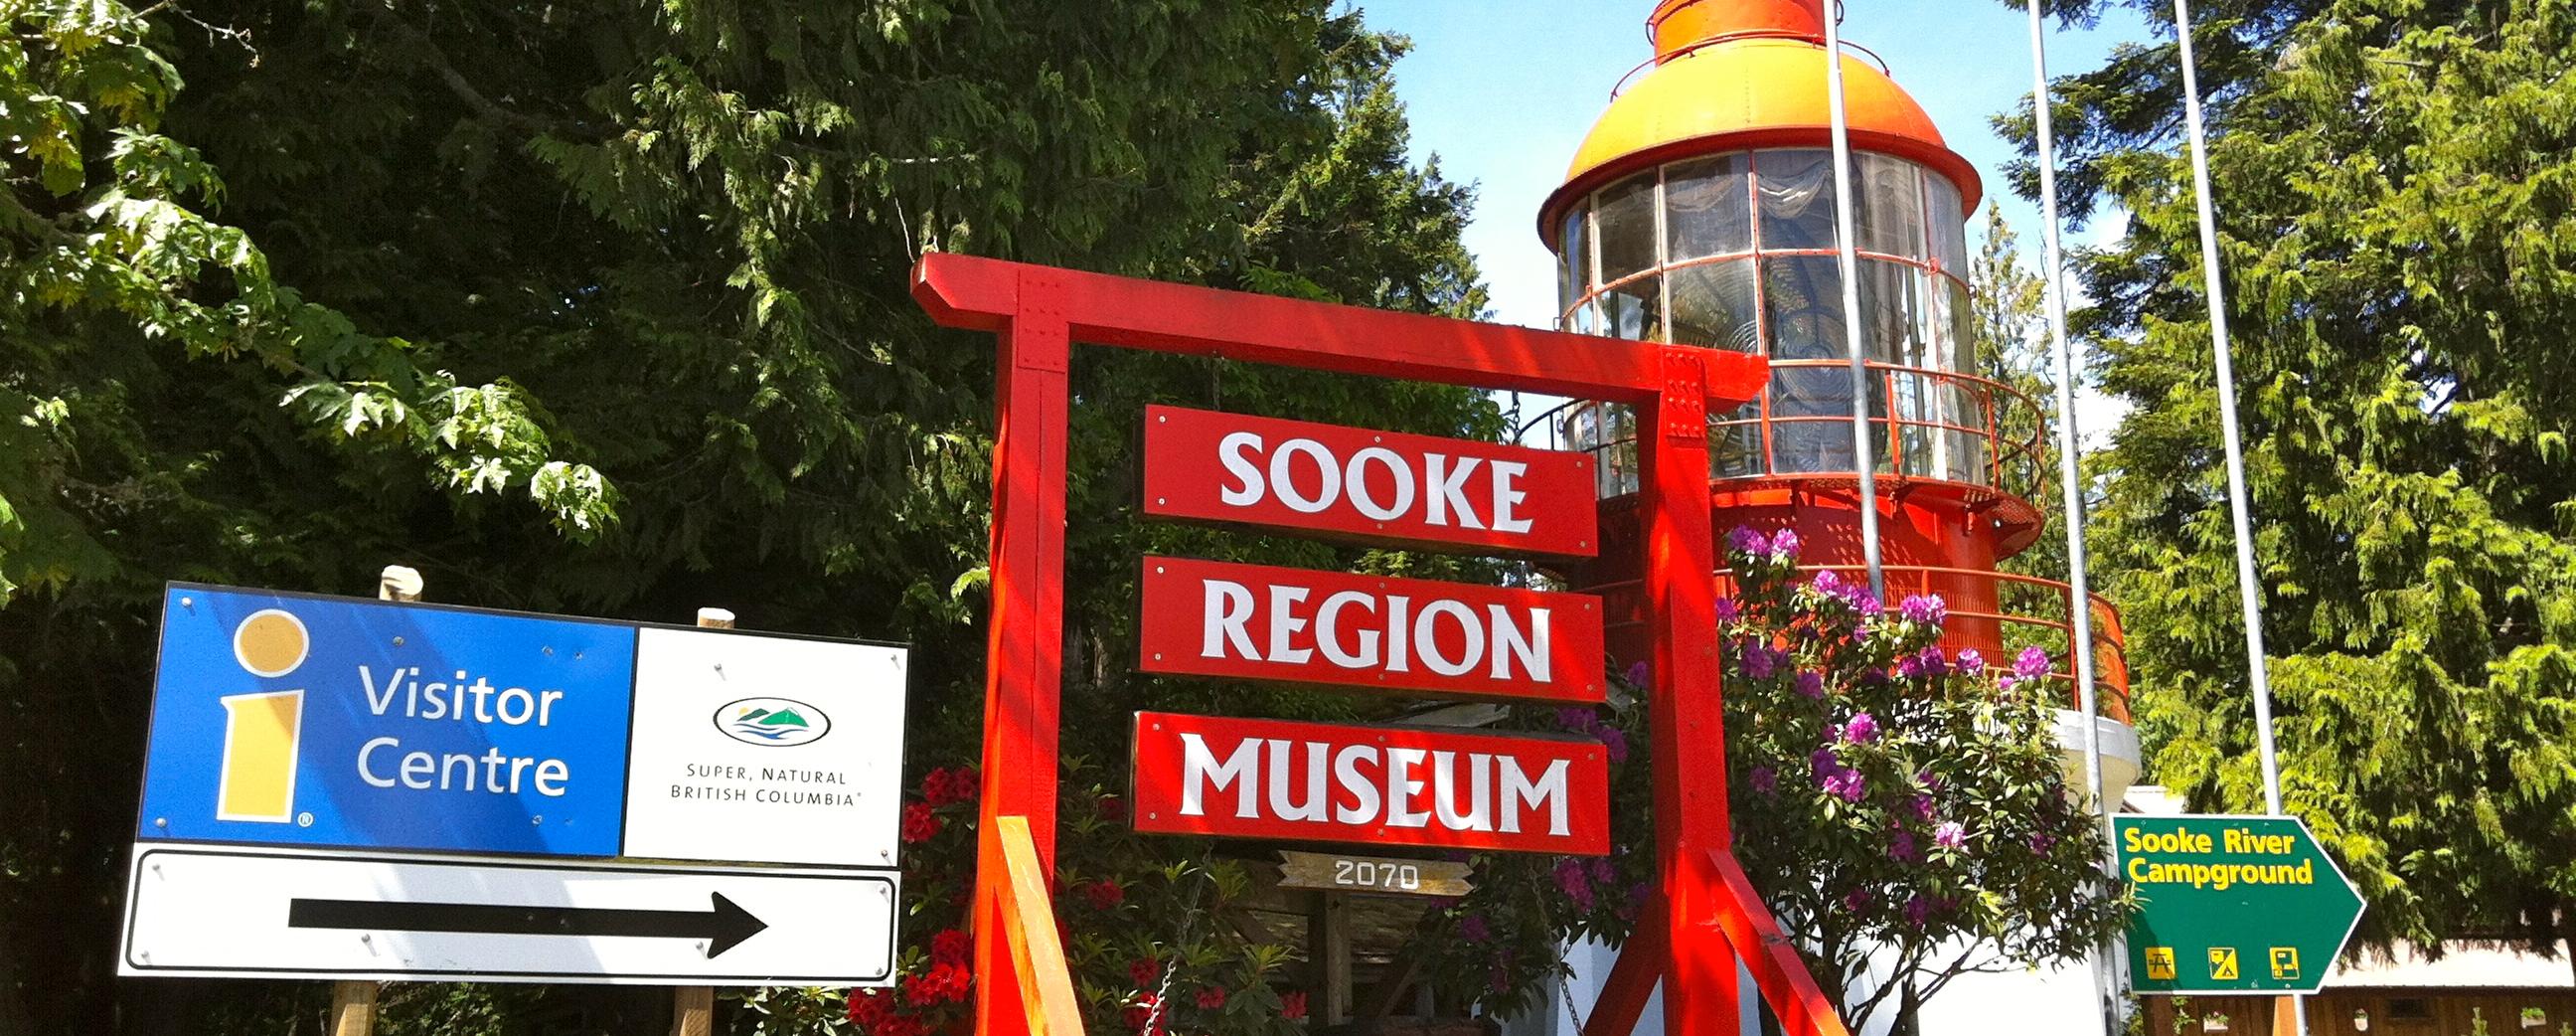 sooke-region-museum